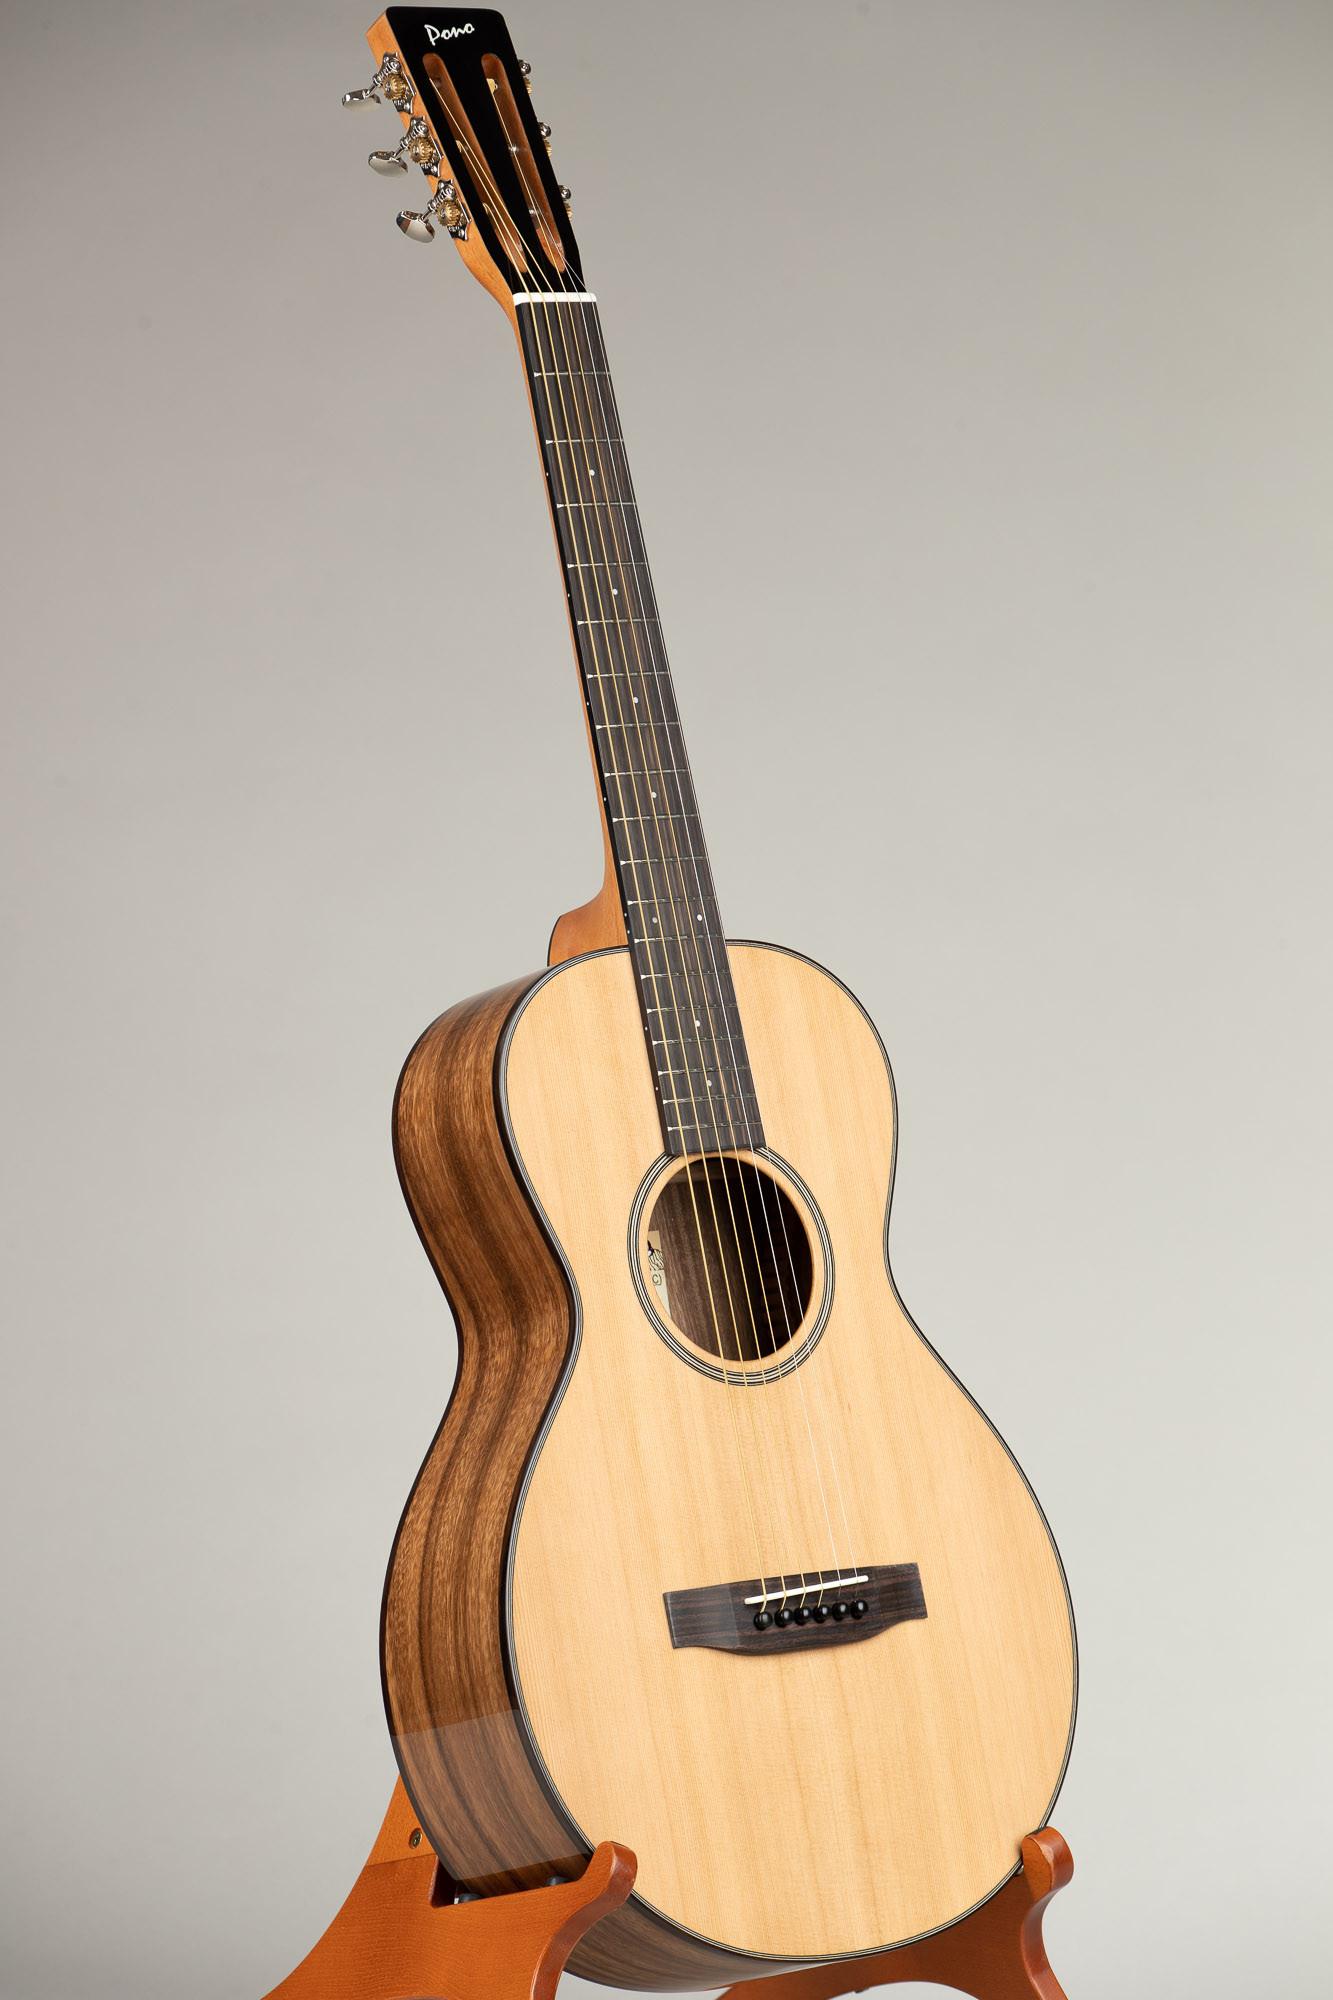 Pono Cedar Top Acacia Single O Steel String Guitar (O-10C 2980)